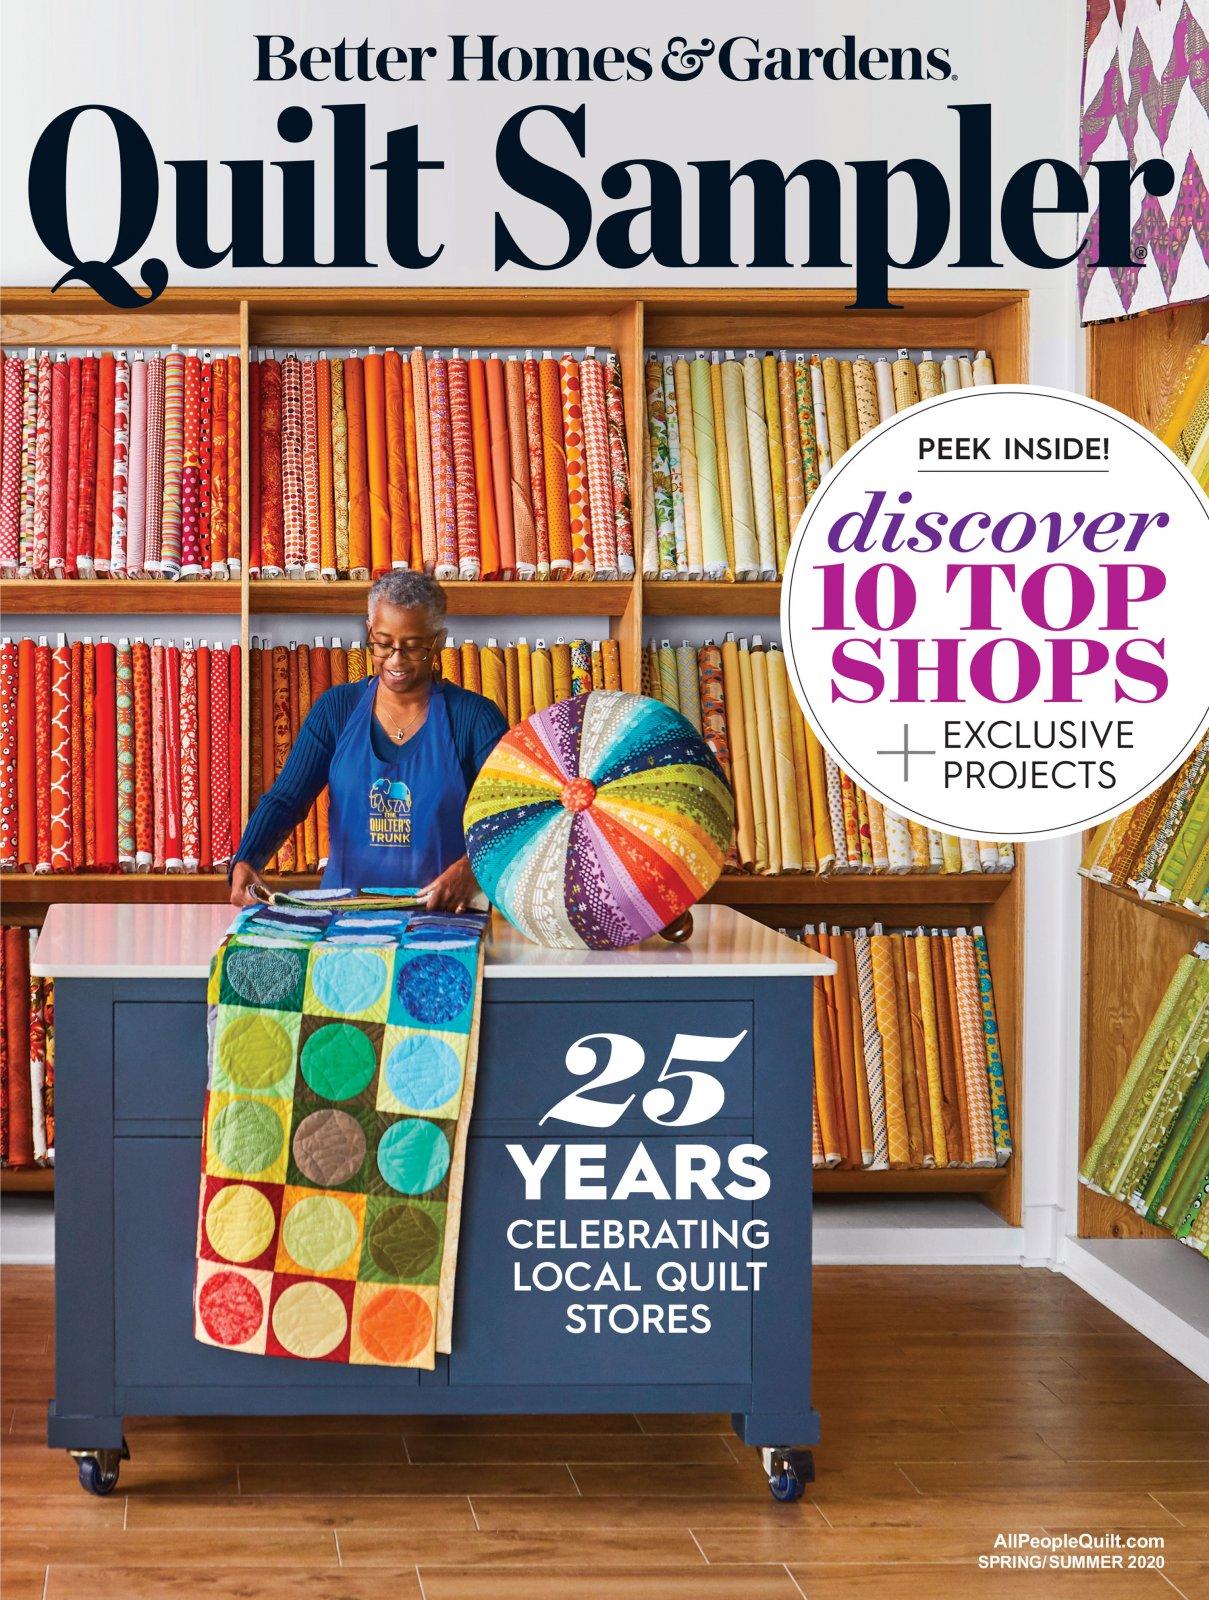 Quilt Sampler Magazine May/June 2020